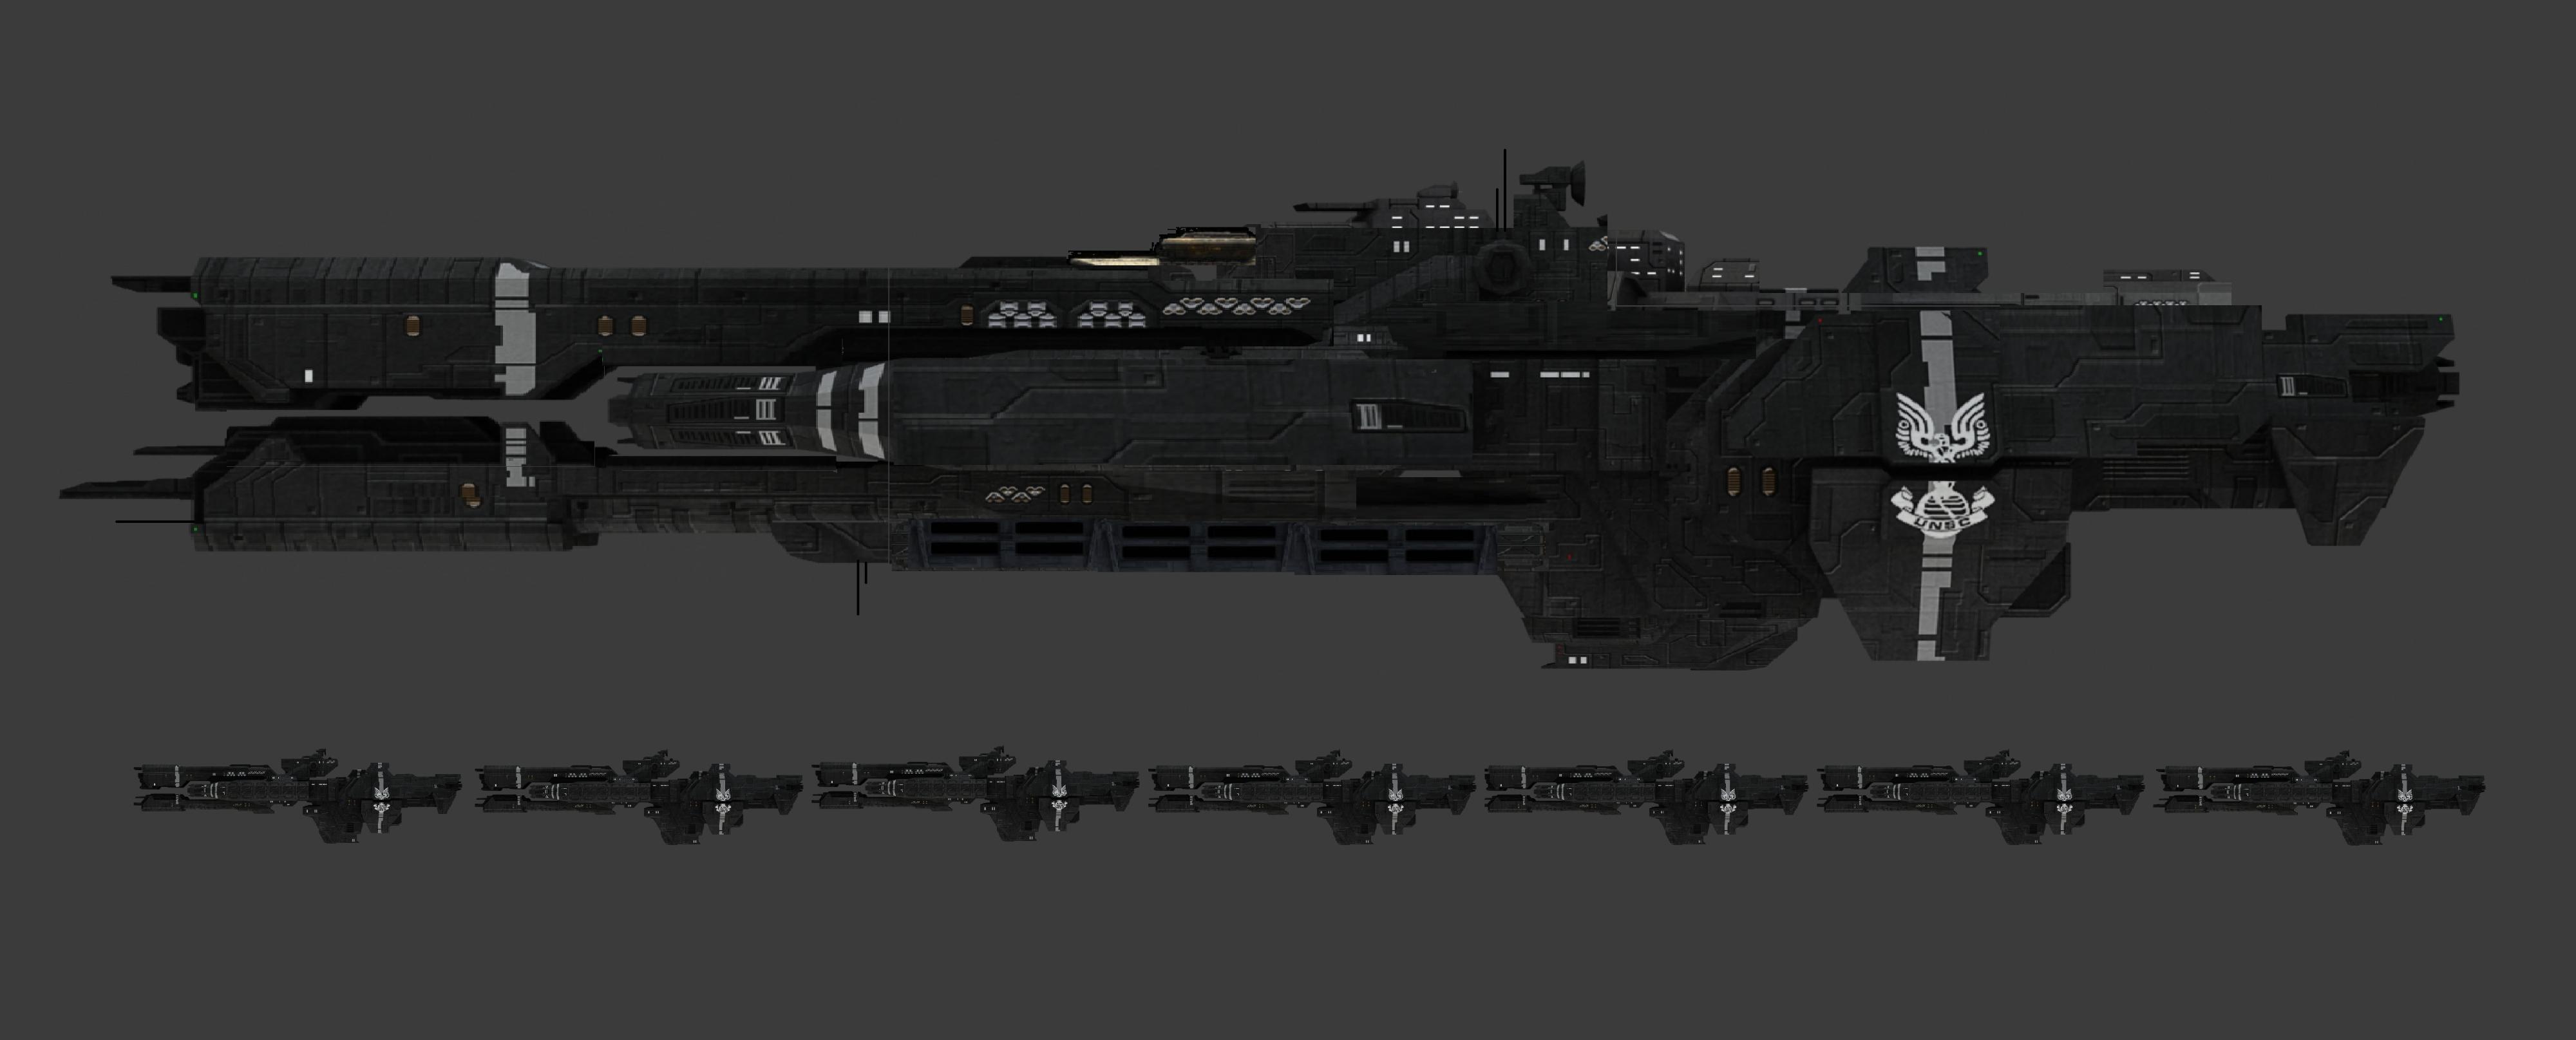 Reaper-Class Battleship